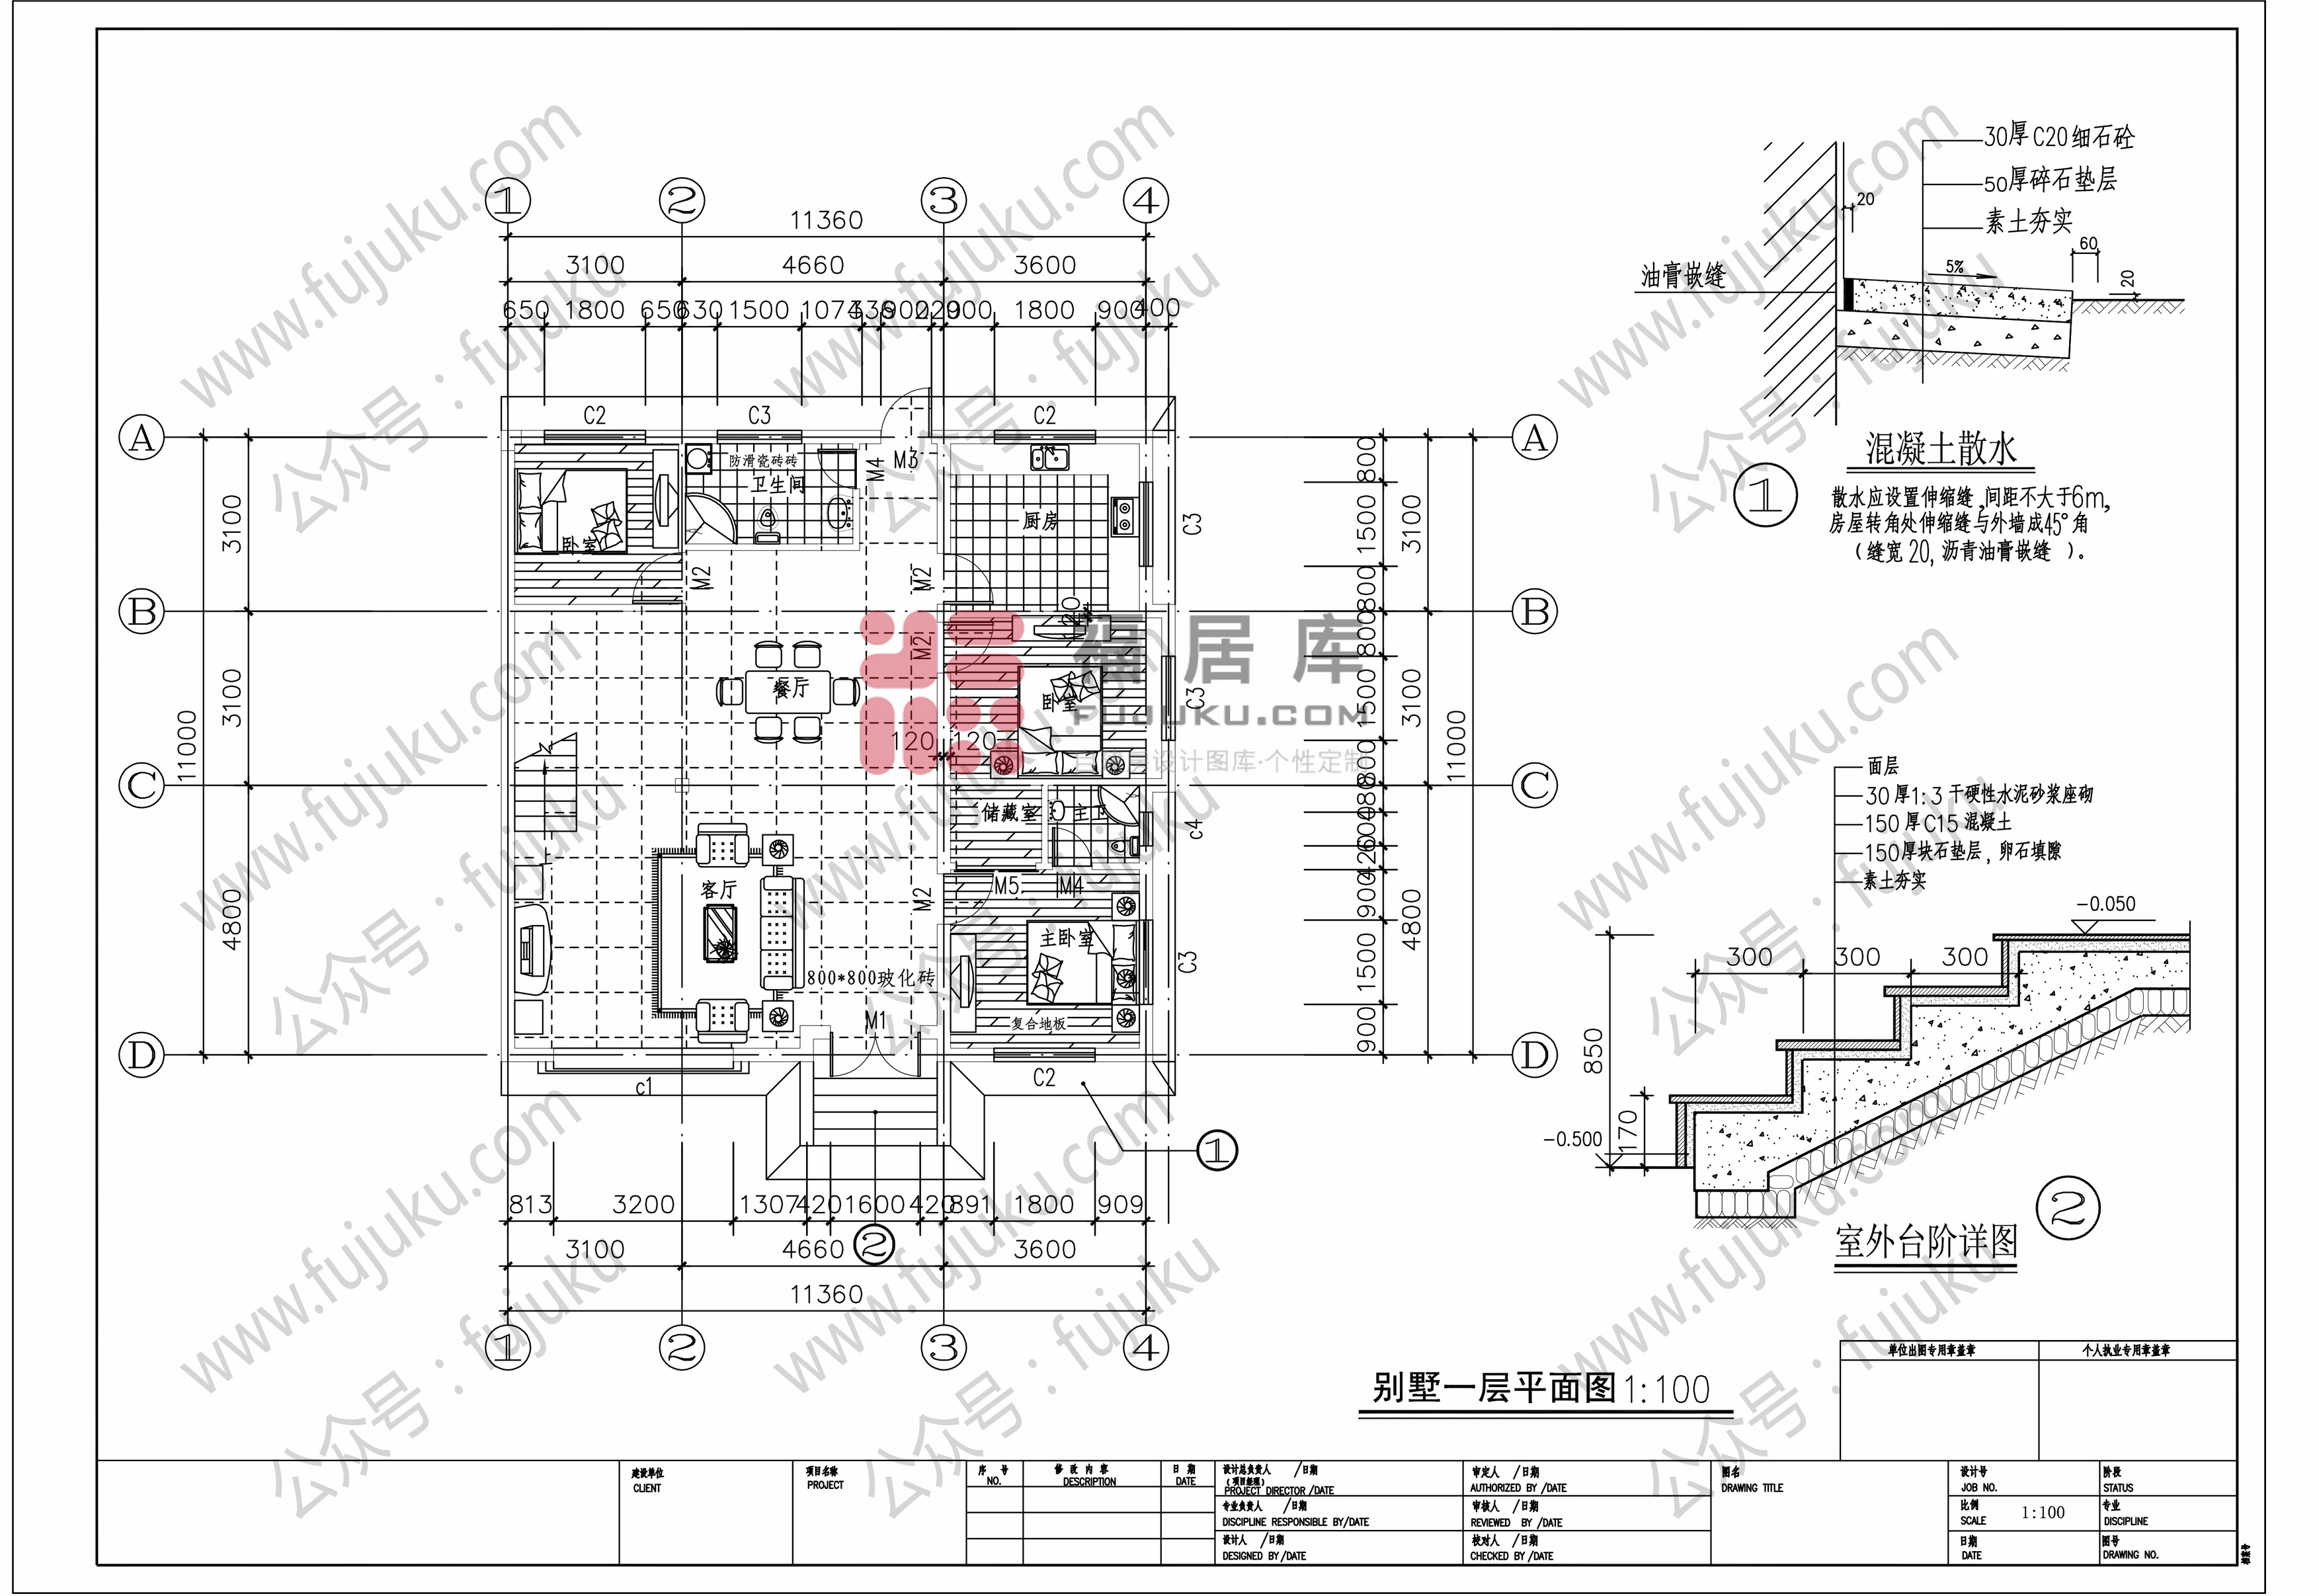 设计图分享 自建房设计图平顶设计  4x12米农村自建房设计图,户型方正图片